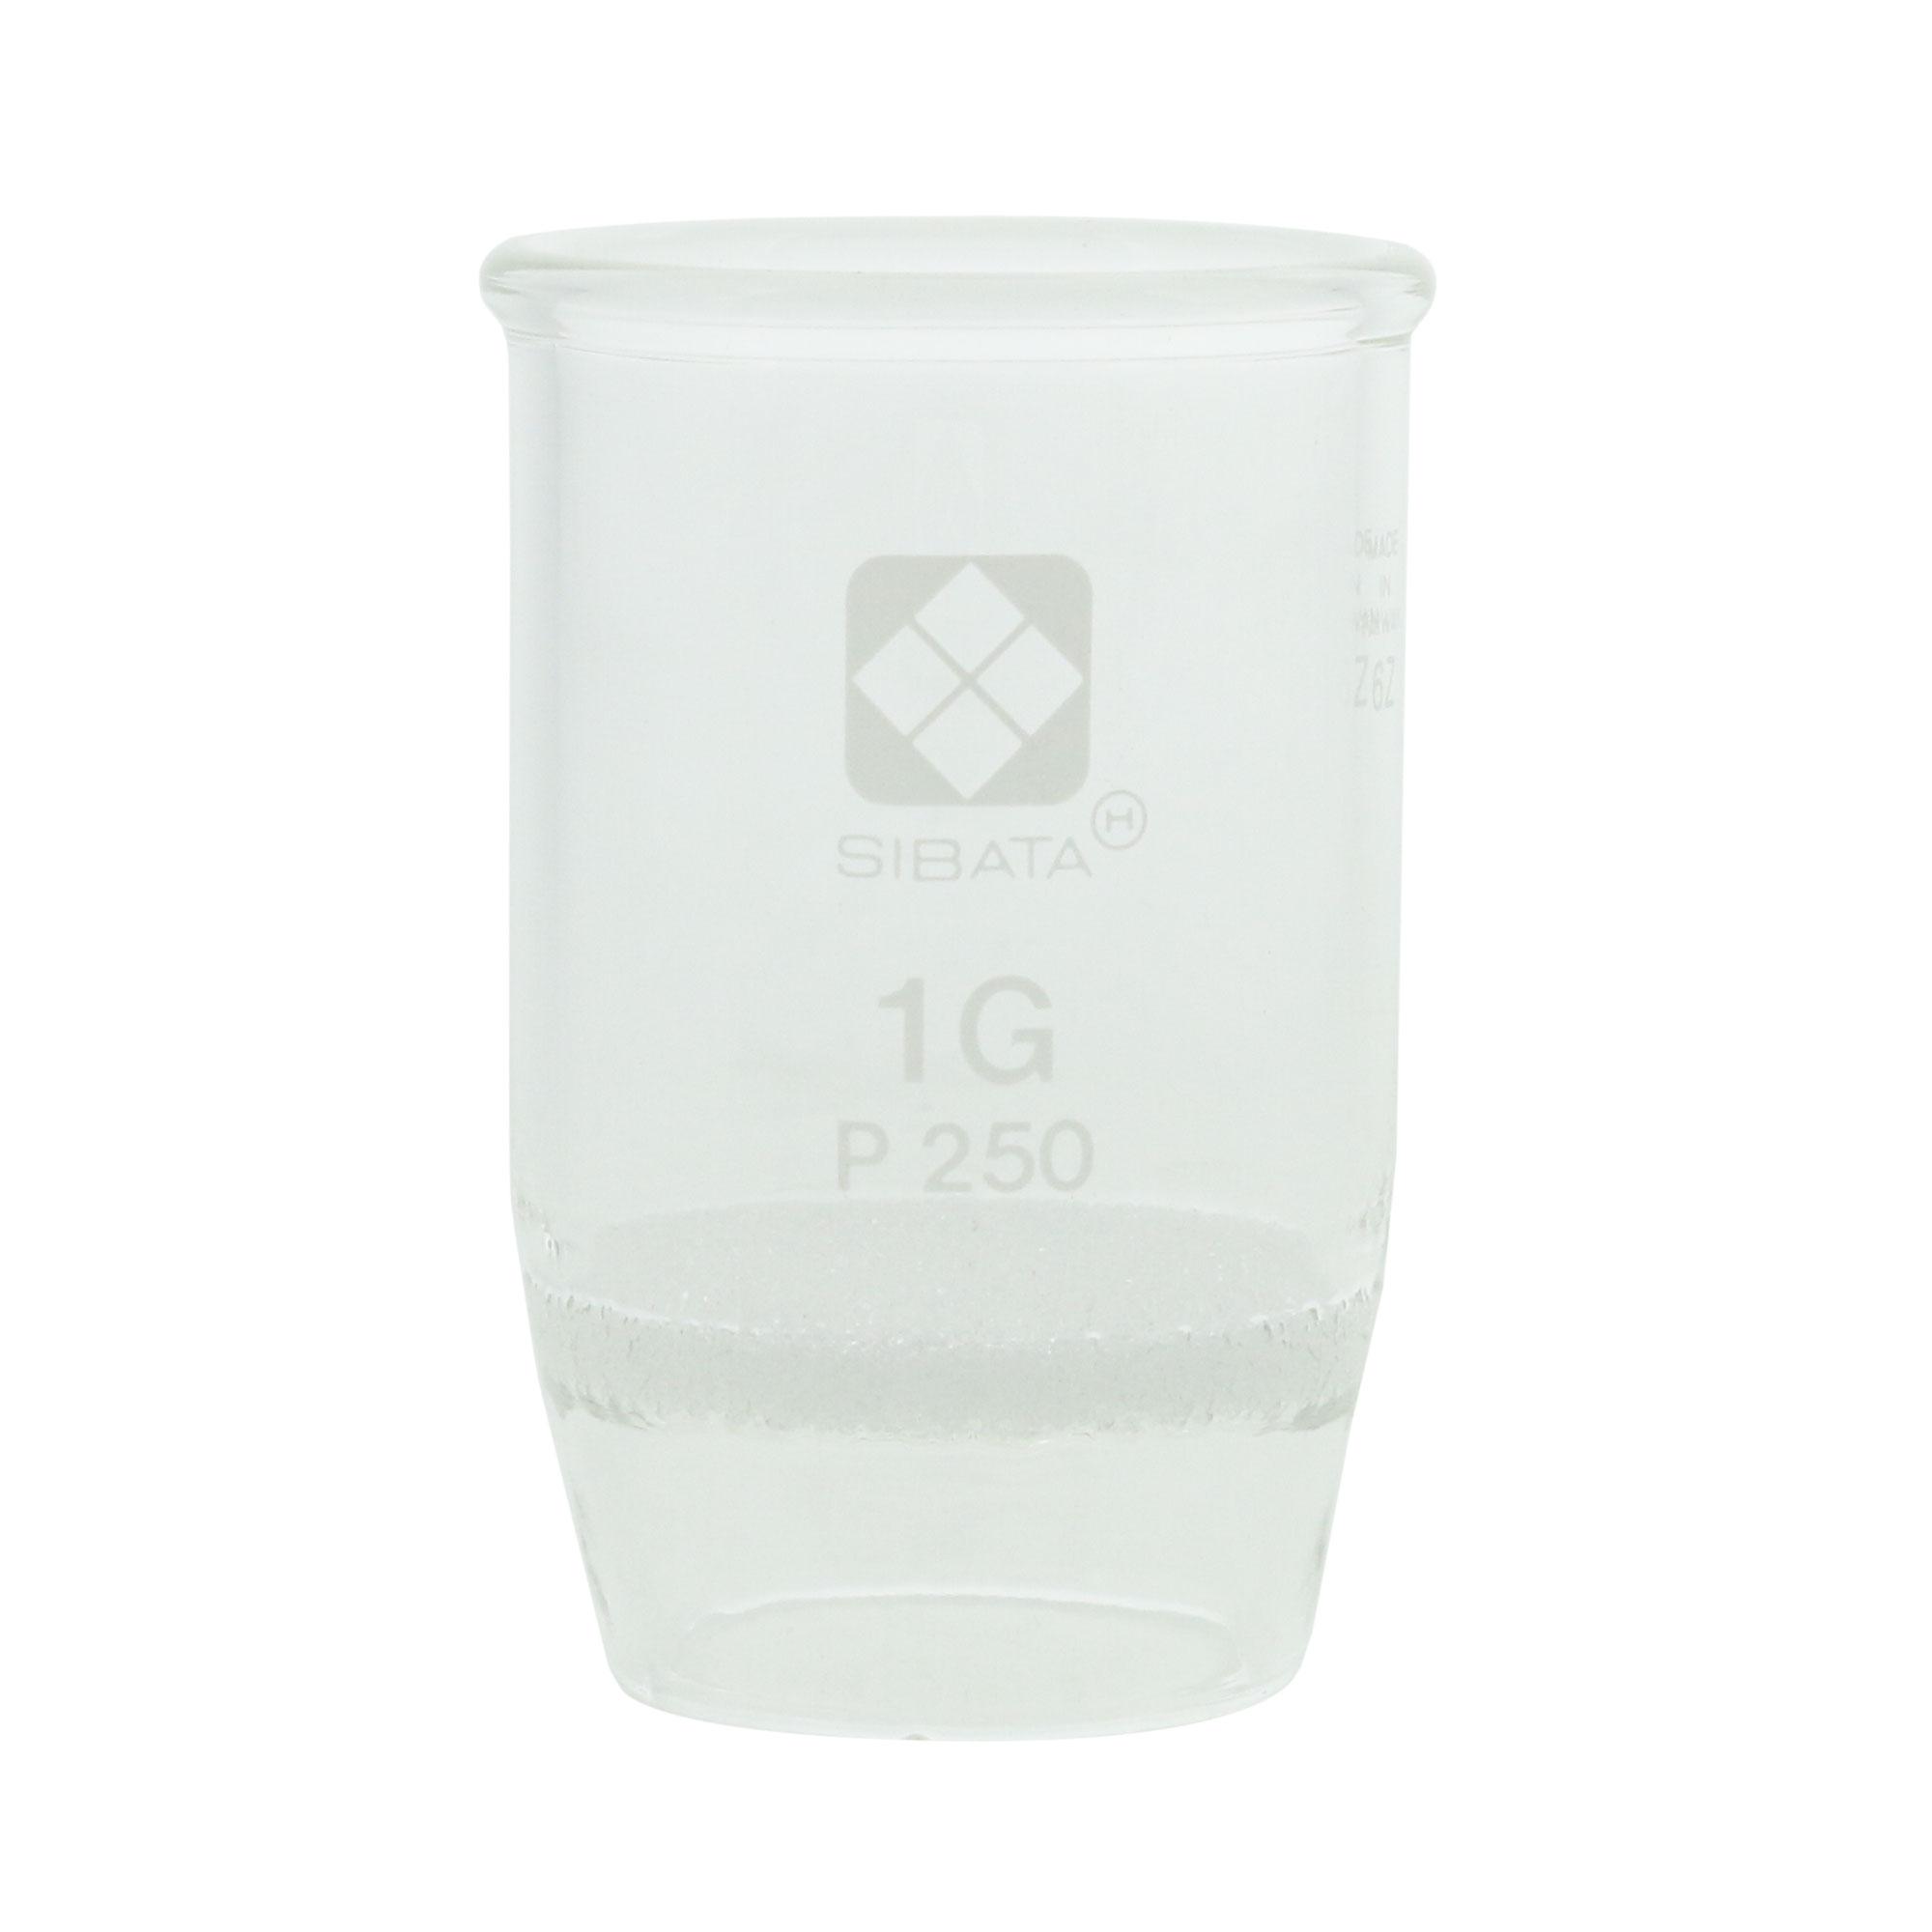 ガラスろ過器 1G るつぼ形 1GP250(3個)